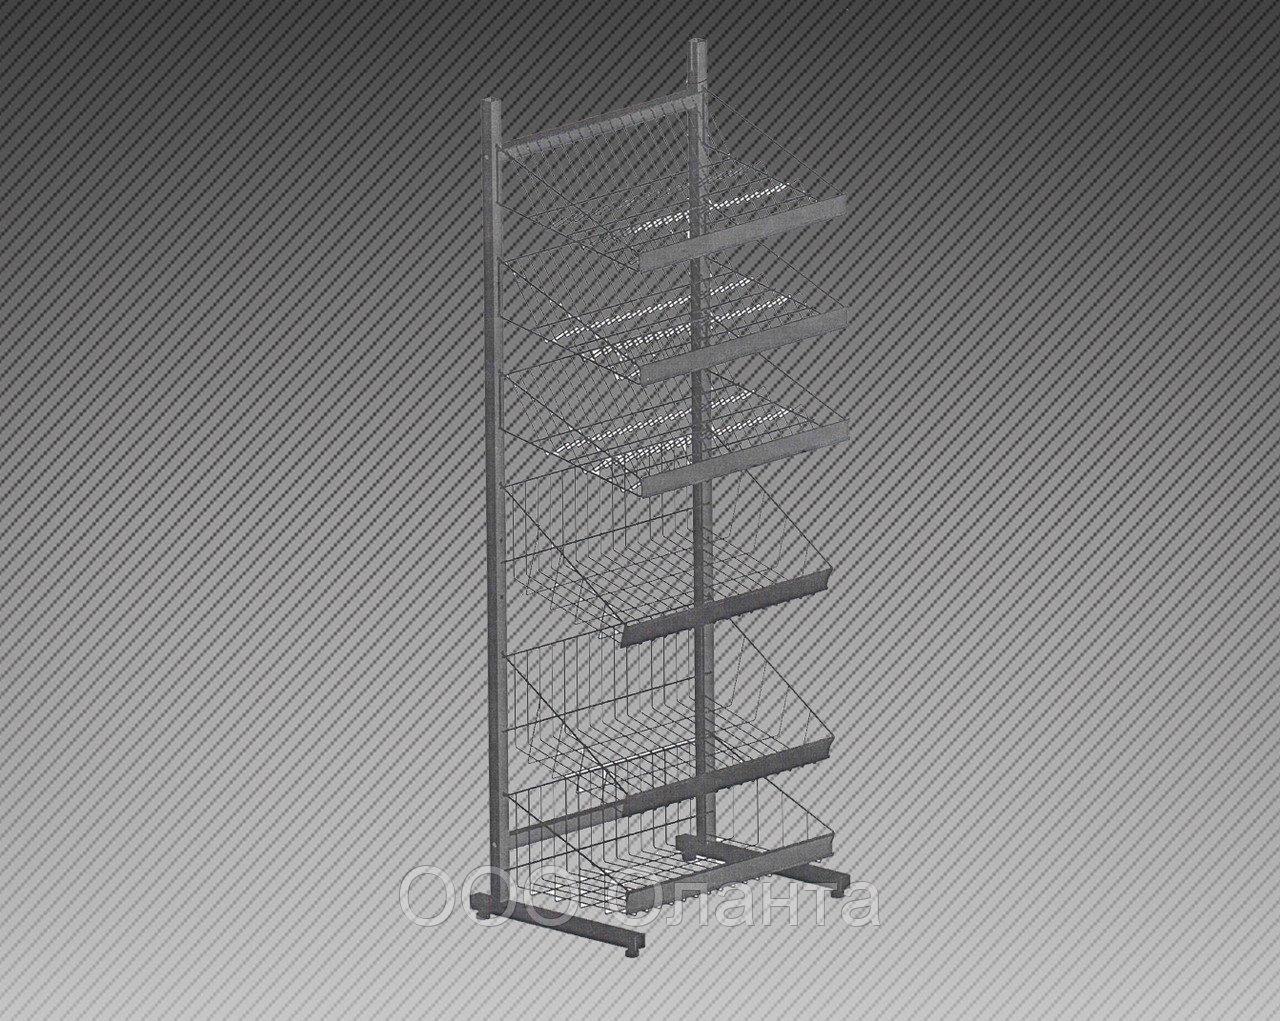 Прикассовая стойка на 6 корзин и 6 полок под шоколад (600х800х1450 мм) арт. СтПр76